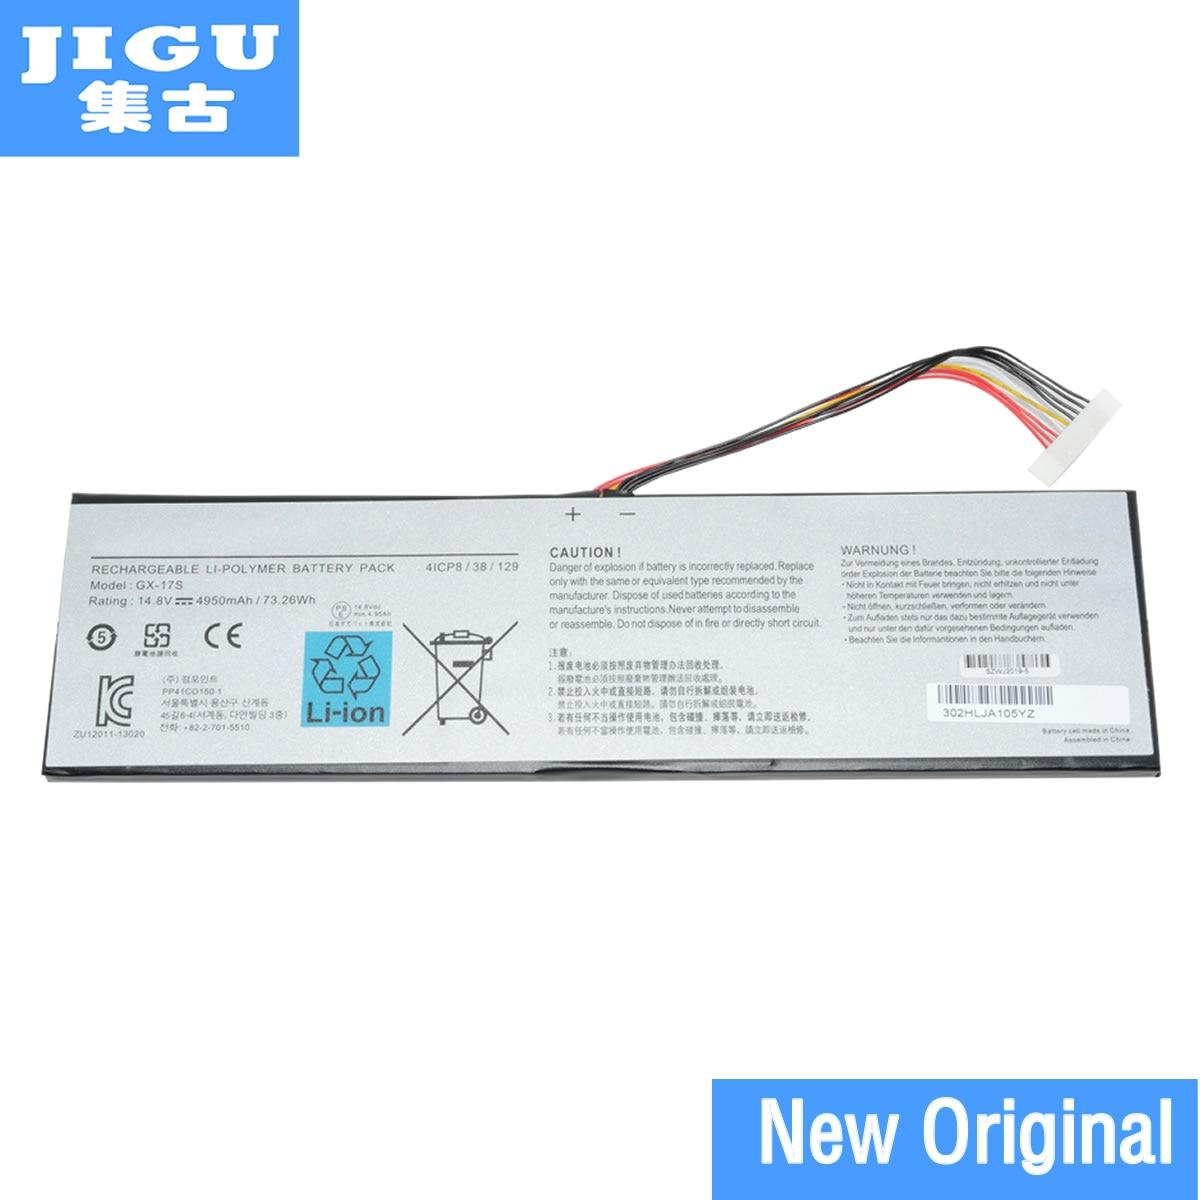 Batterie d'ordinateur portable d'origine JIGU 14.8V 73.26WHGX-17S pour GIGABYTE pour AORUS X3 Plus V5 V3 pour Aorus X7 X3 Plus v7-KL3K4